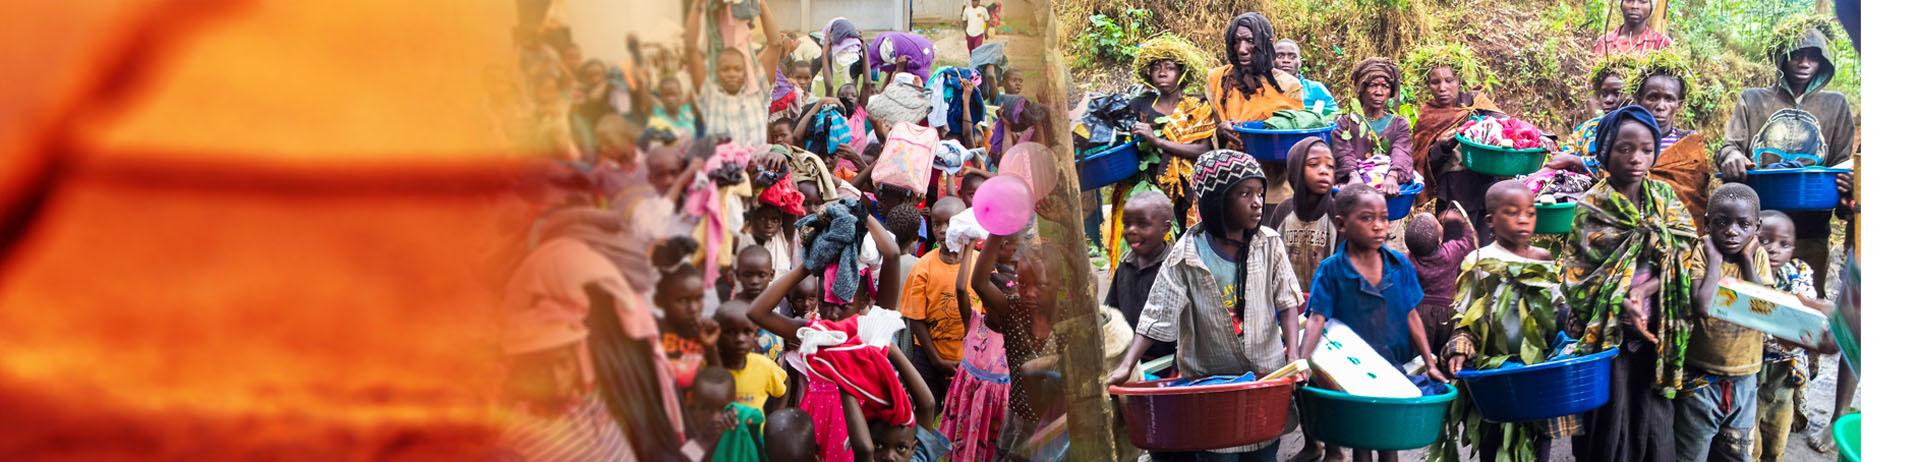 changing lives of hurting Ugandan communities, uganda orphans, Uganda charity organizations